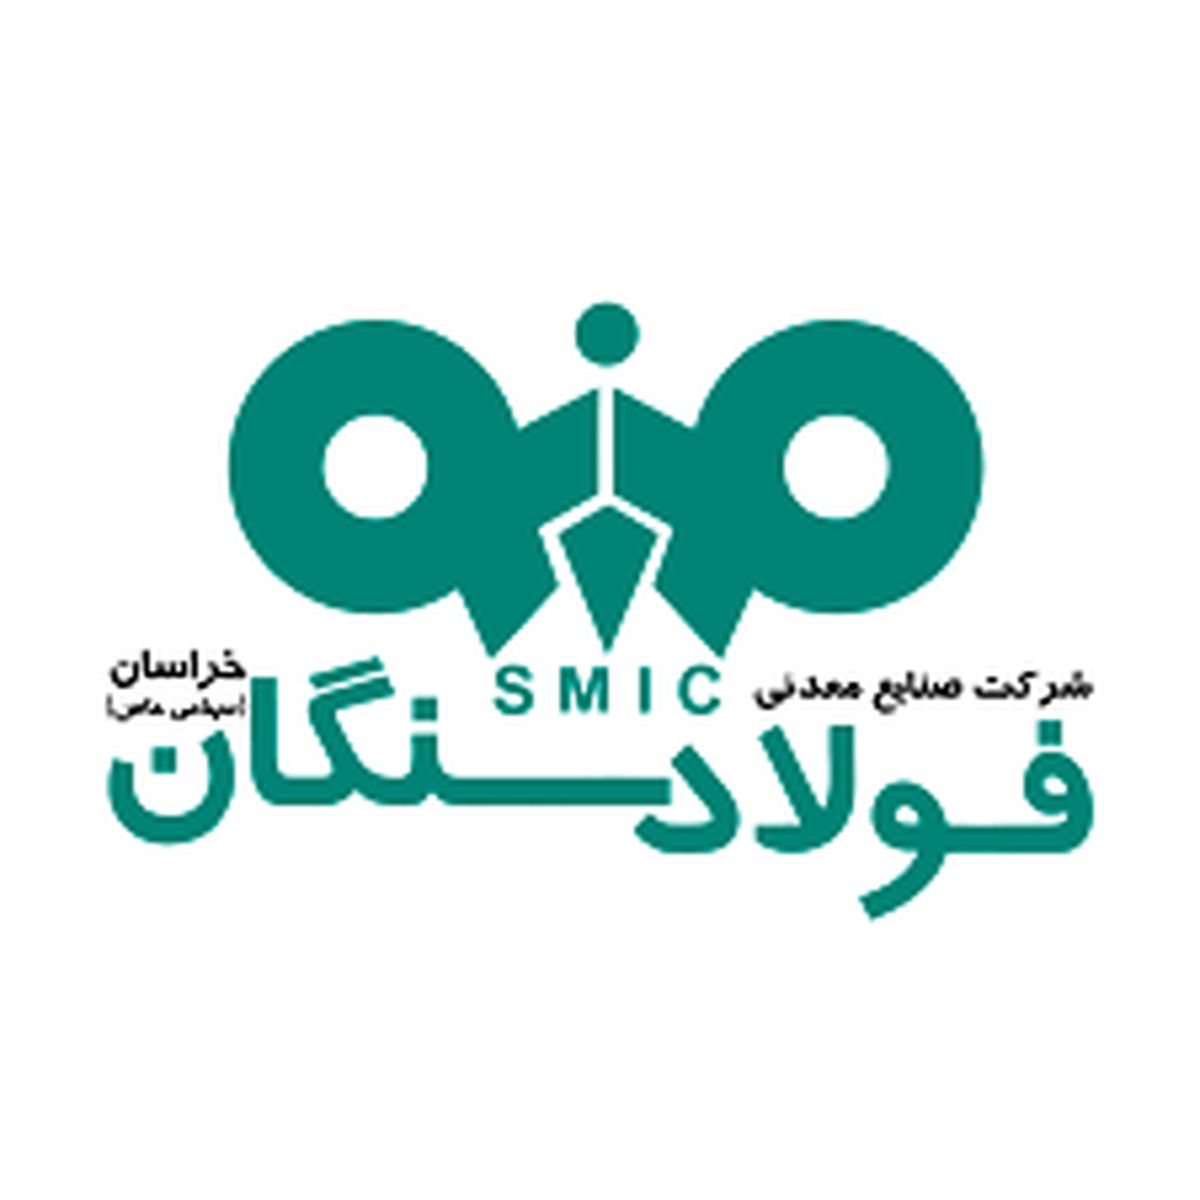 پیام تبریک مدیرعامل فولاد سنگان به مناسبت انتخاب این شرکت به عنوان واحد نمونه صنعتی استان در سال ۹۹